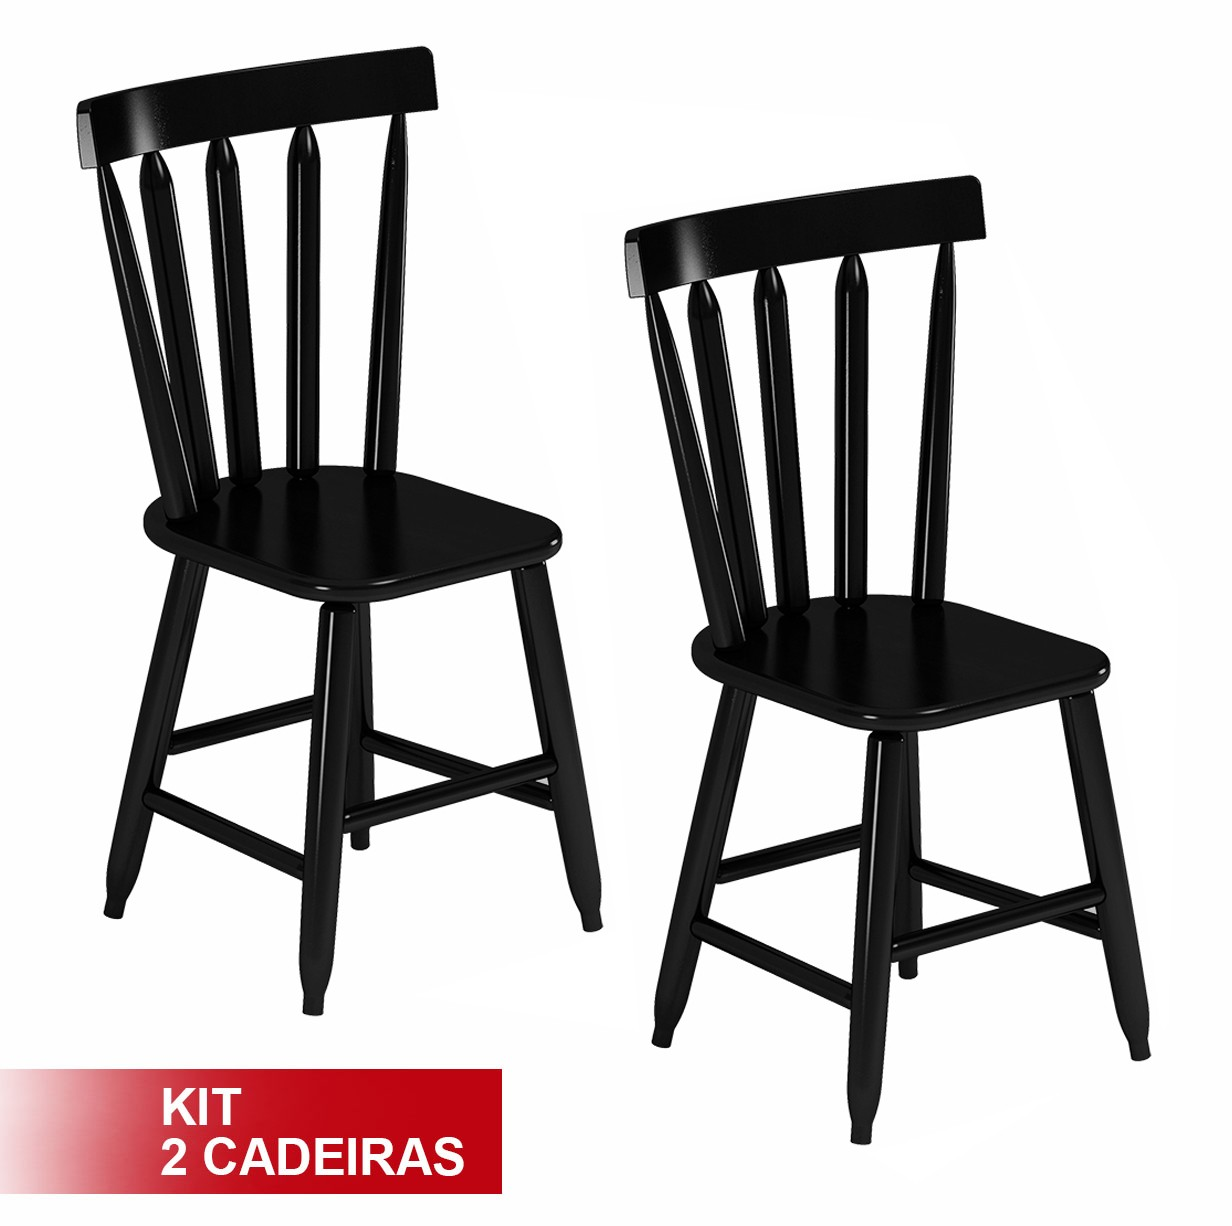 Cadeira Country Em Madeira Maciça Encosto Alto Kit 2 Cadeiras Preta  #AA0000 1232x1226